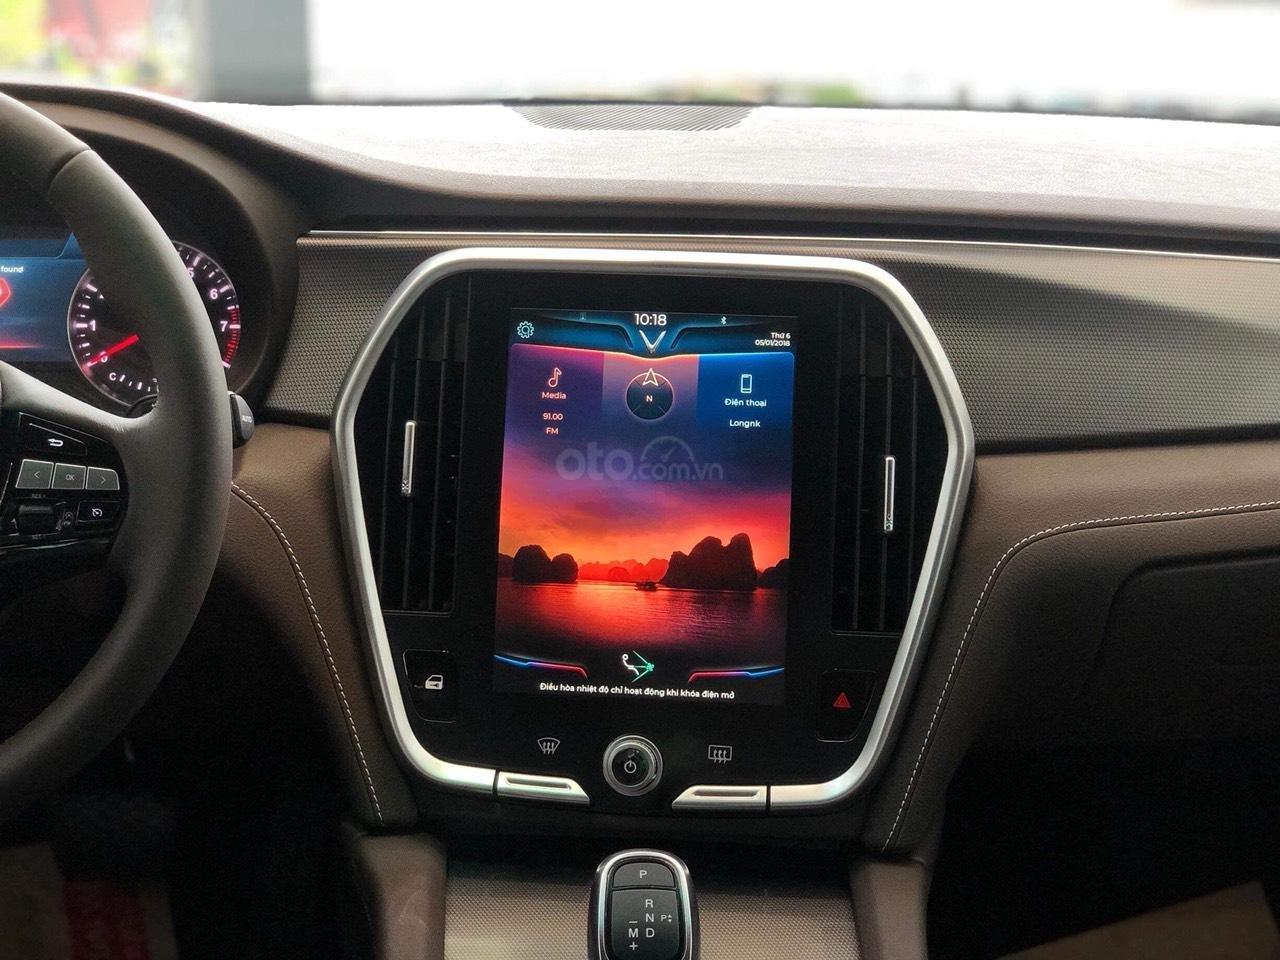 Bán xe VinFast LUX A2.0 full-Da Nappa Nâu 2019, màu bạc 0911234775 em Long (5)